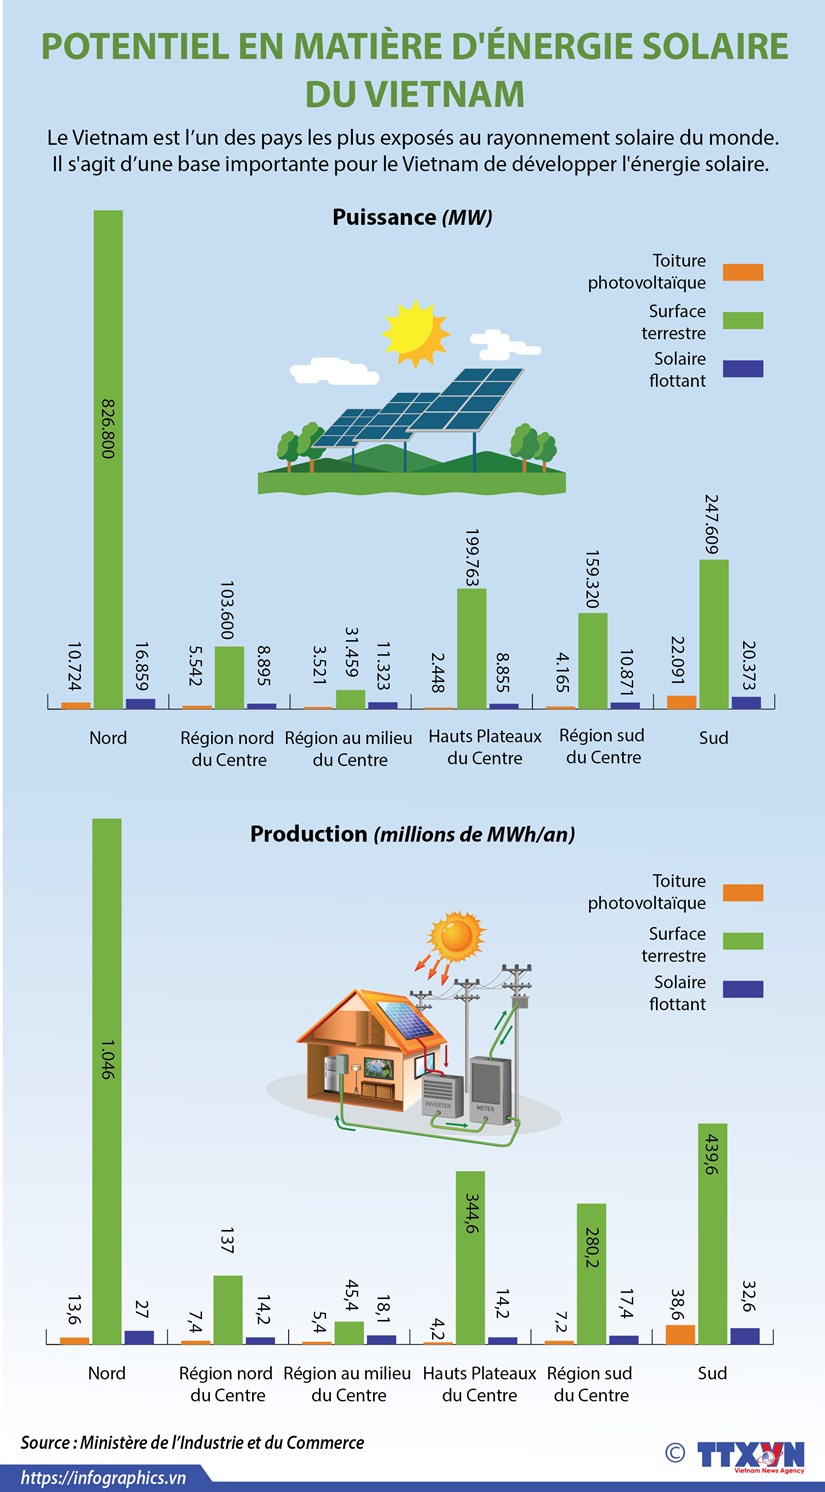 Potentiel en matiere d'energie solaire du Vietnam hinh anh 1